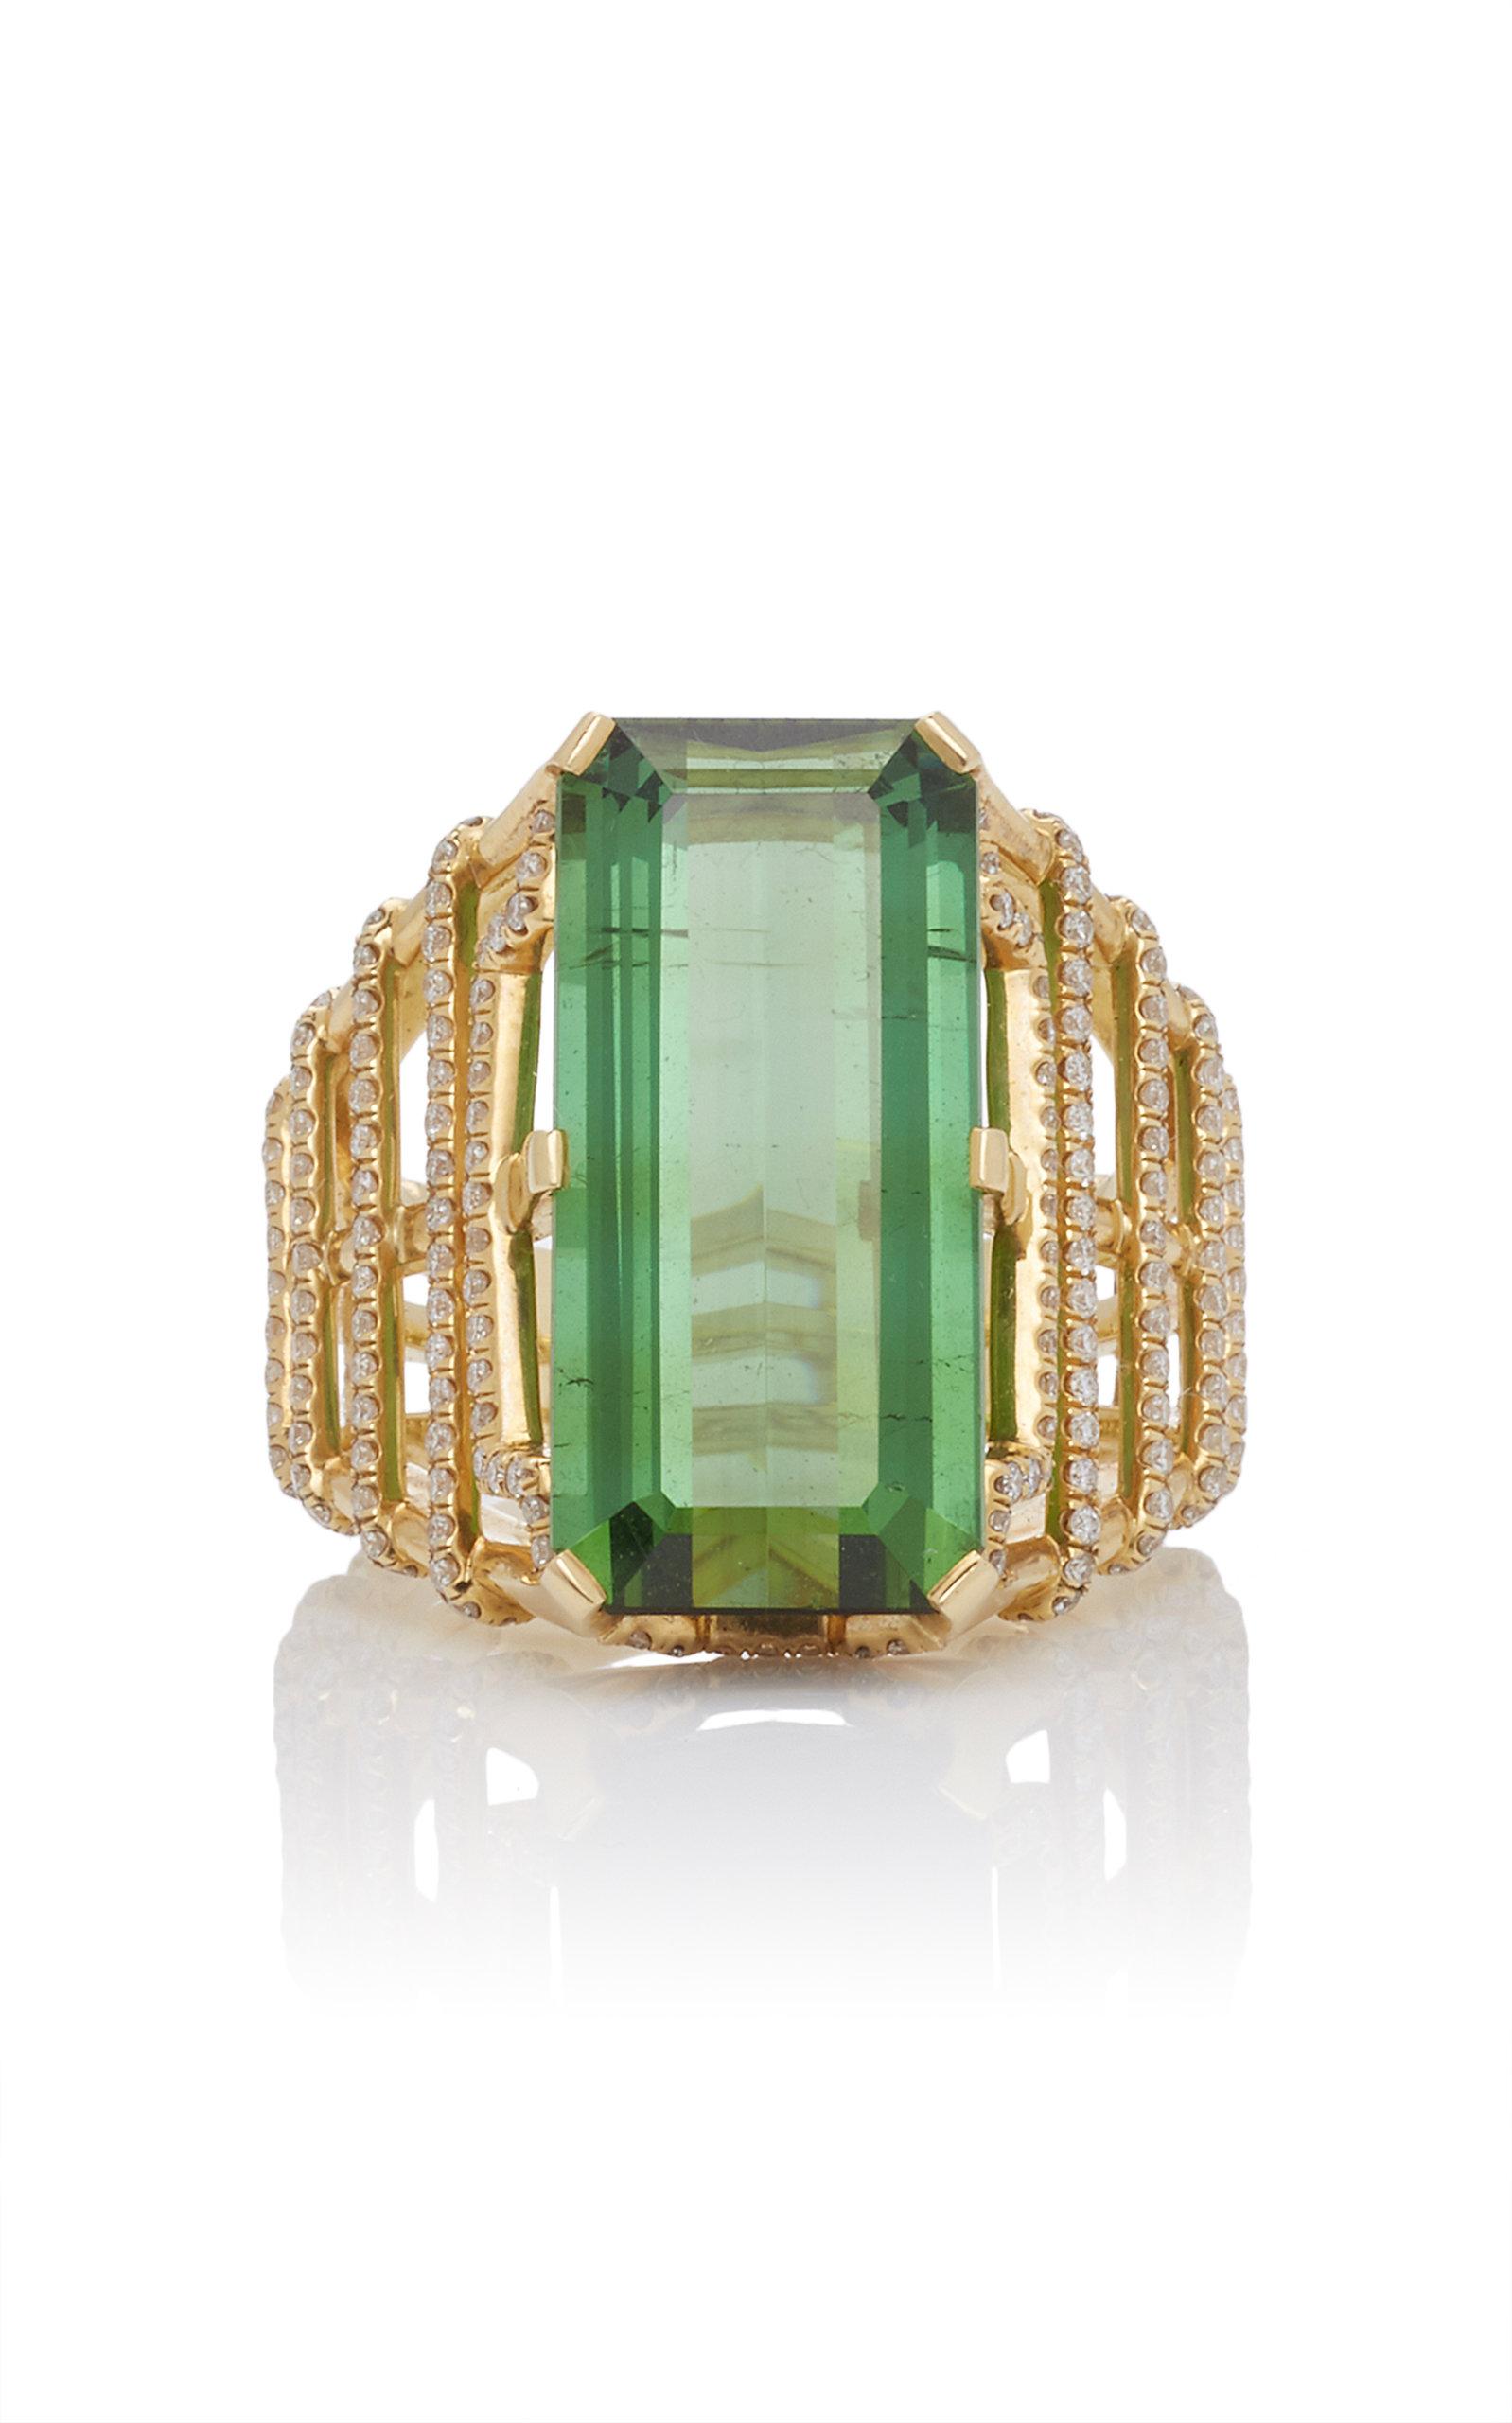 GOSHWARA 18K Gold Tourmaline And Diamond Ring in Green